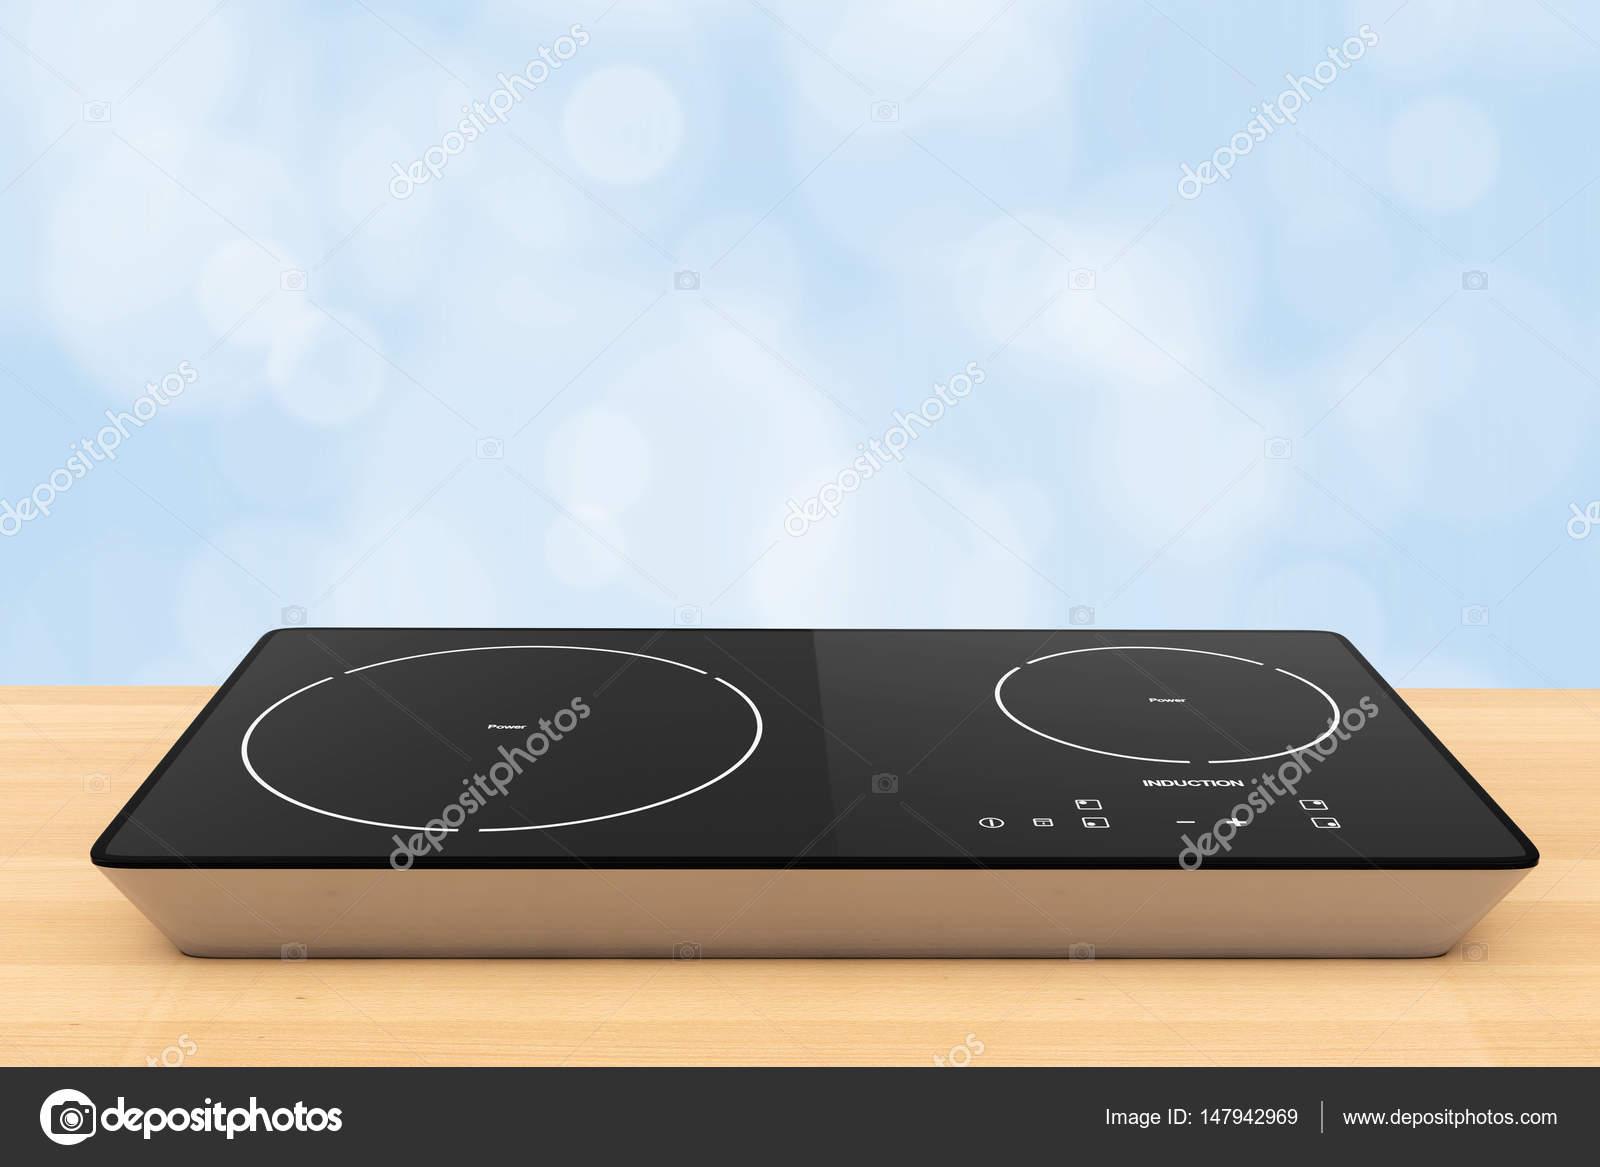 Estufa placa de inducción portátil móvil. Render 3D — Foto de stock ...